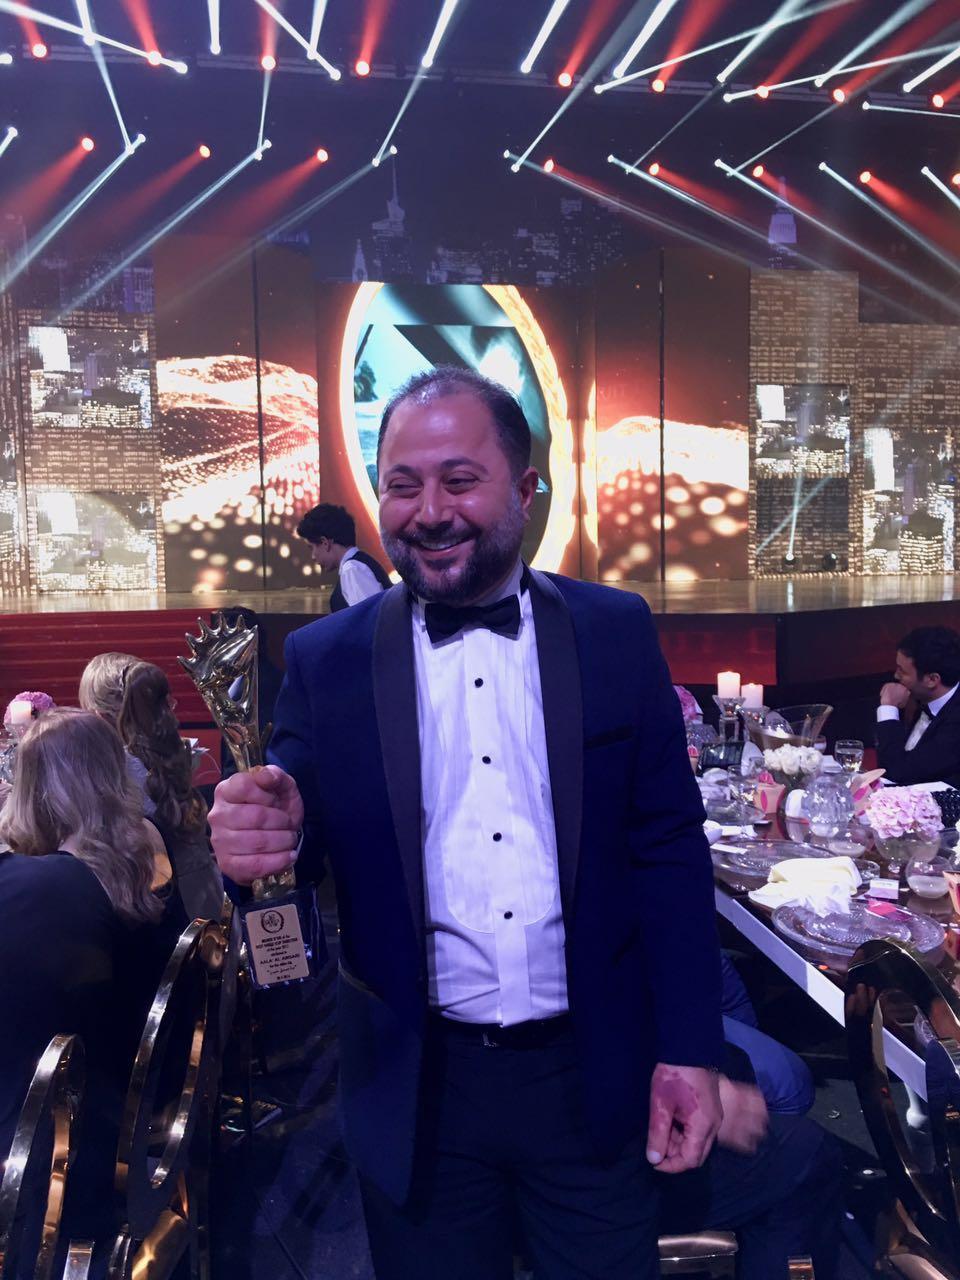 صورة جائزة الموركس دور لأفضل مخرج فيديو كليب عربي من نصيب علاء الأنصاري